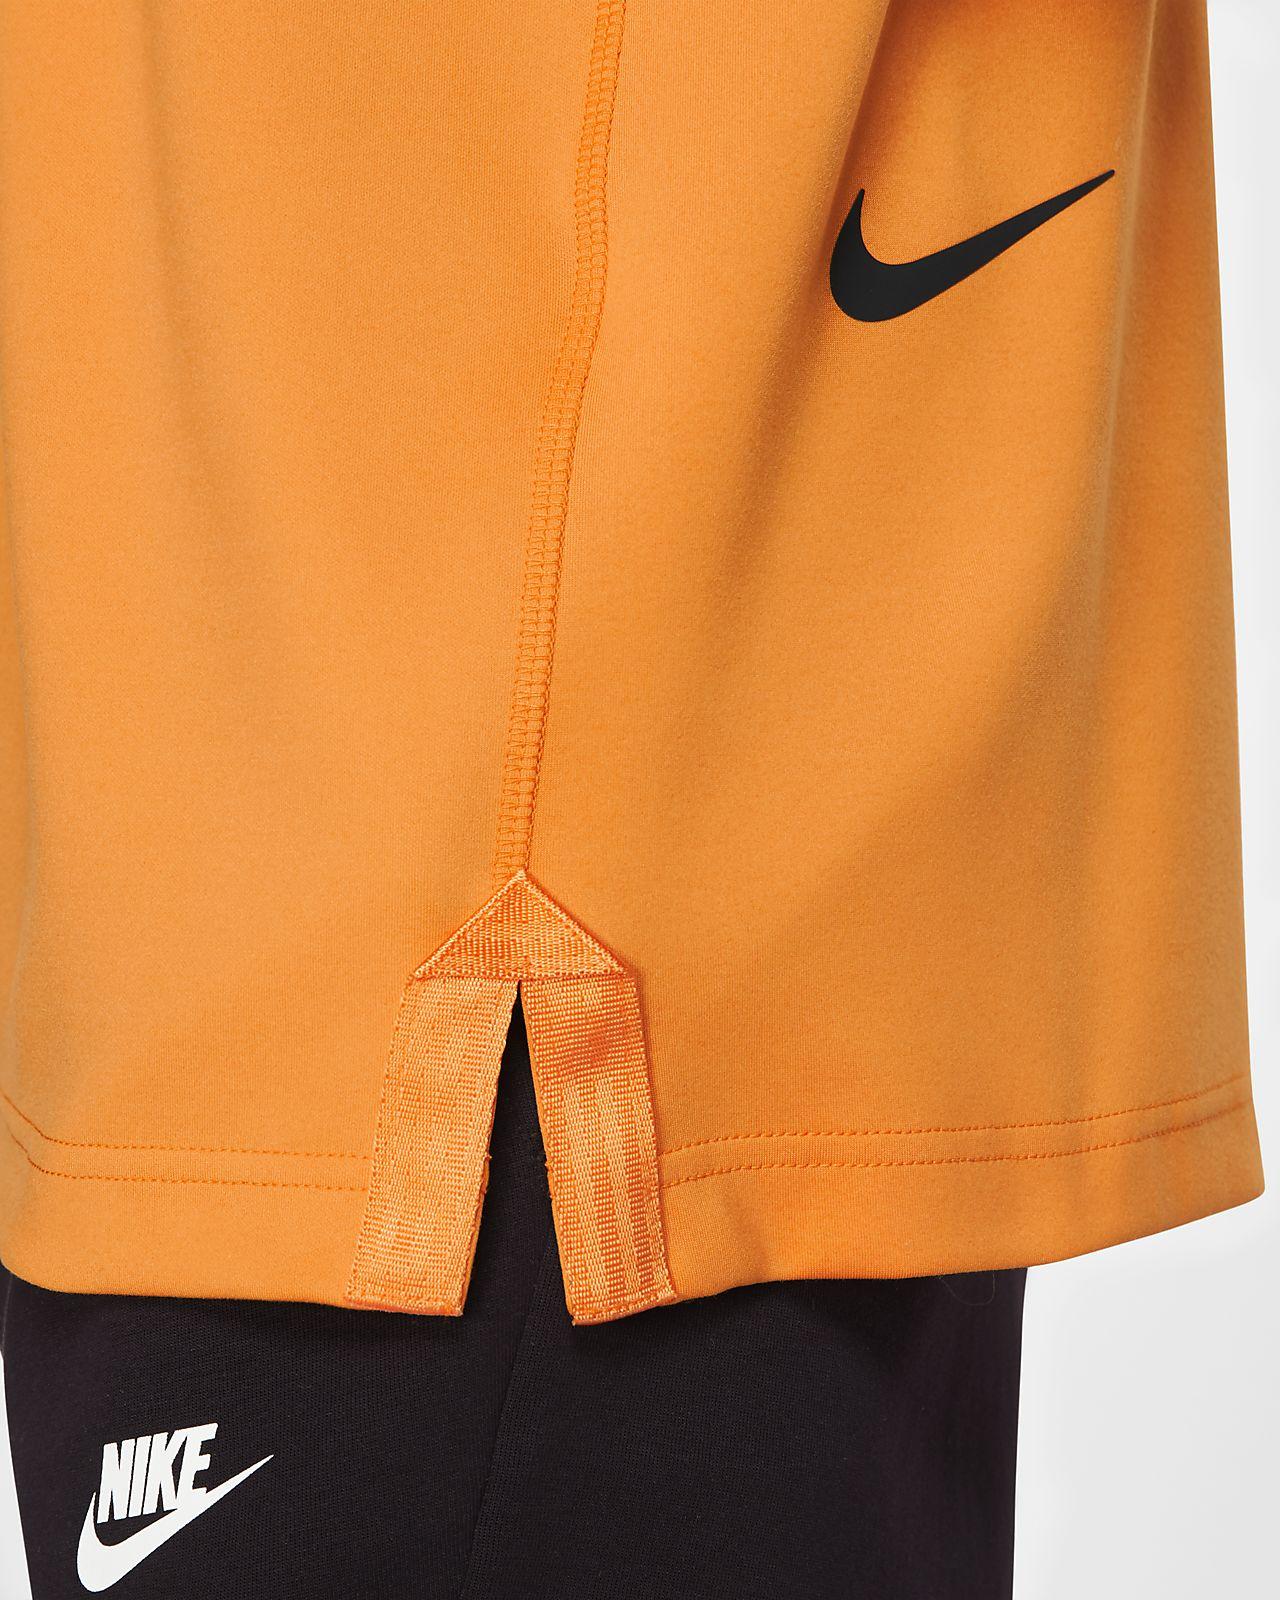 Parra Jackets pour Nike